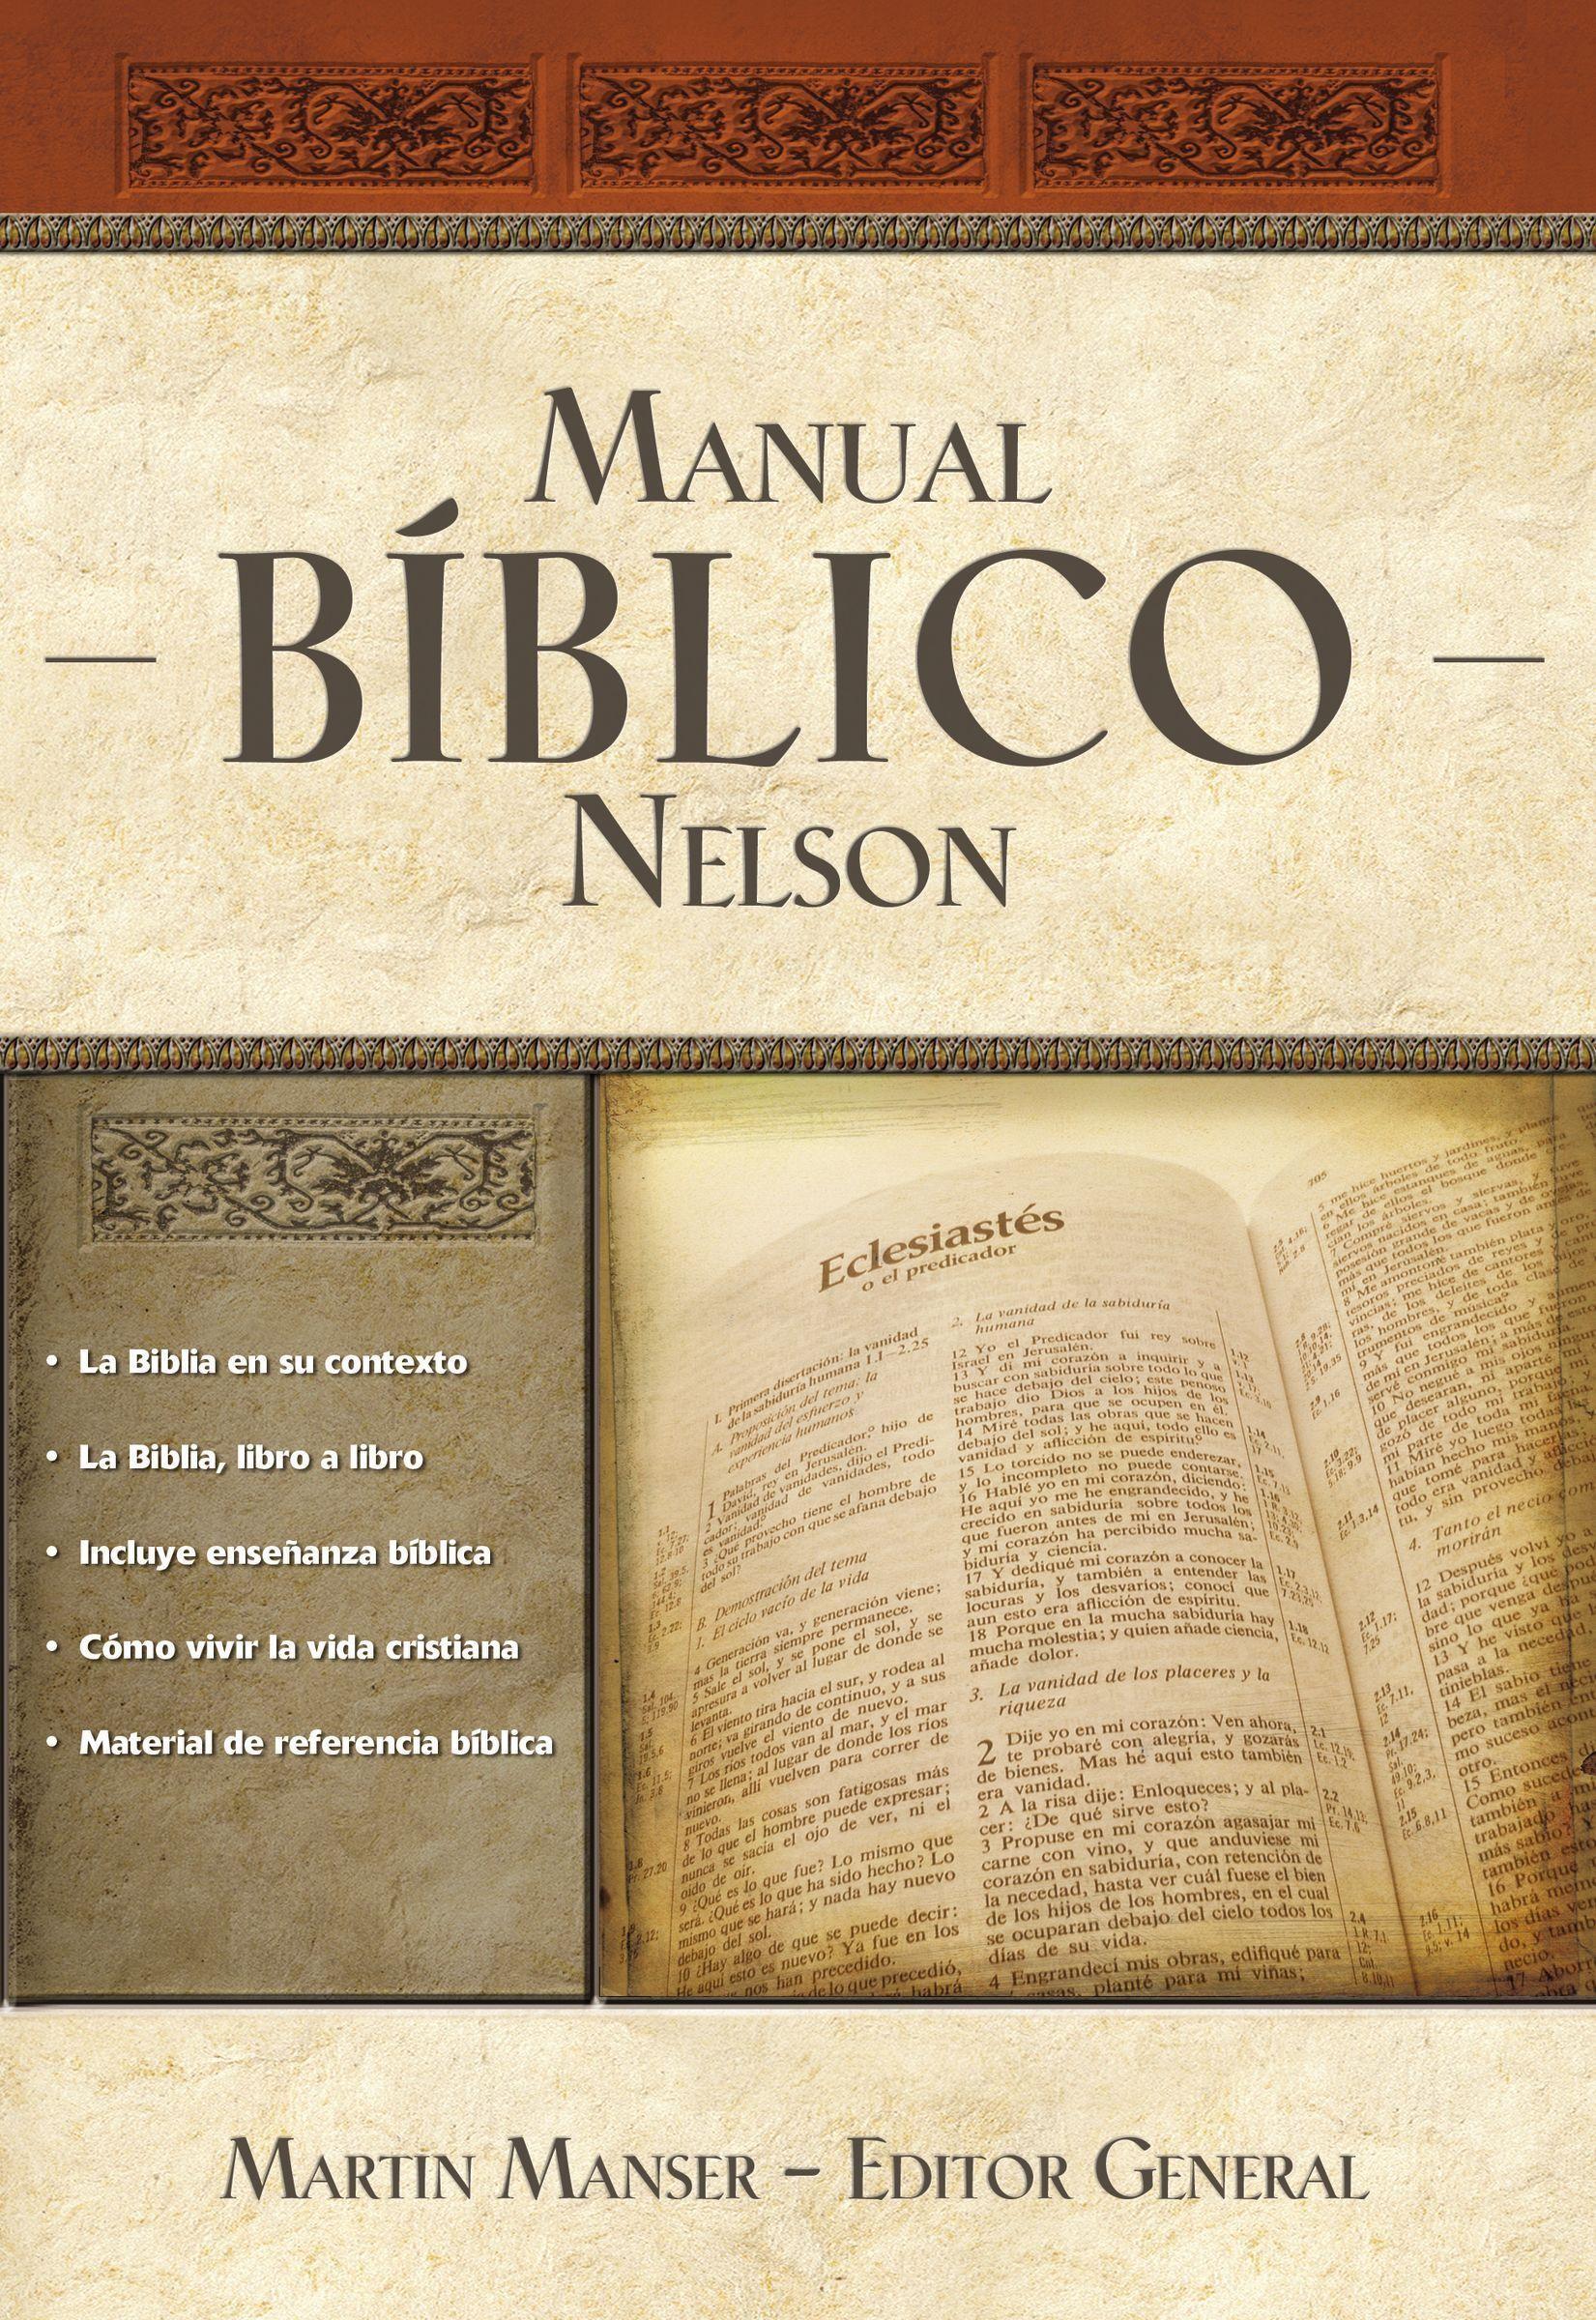 Manual Bíblico Nelson - 9781602555136 - Manser, Martin H.